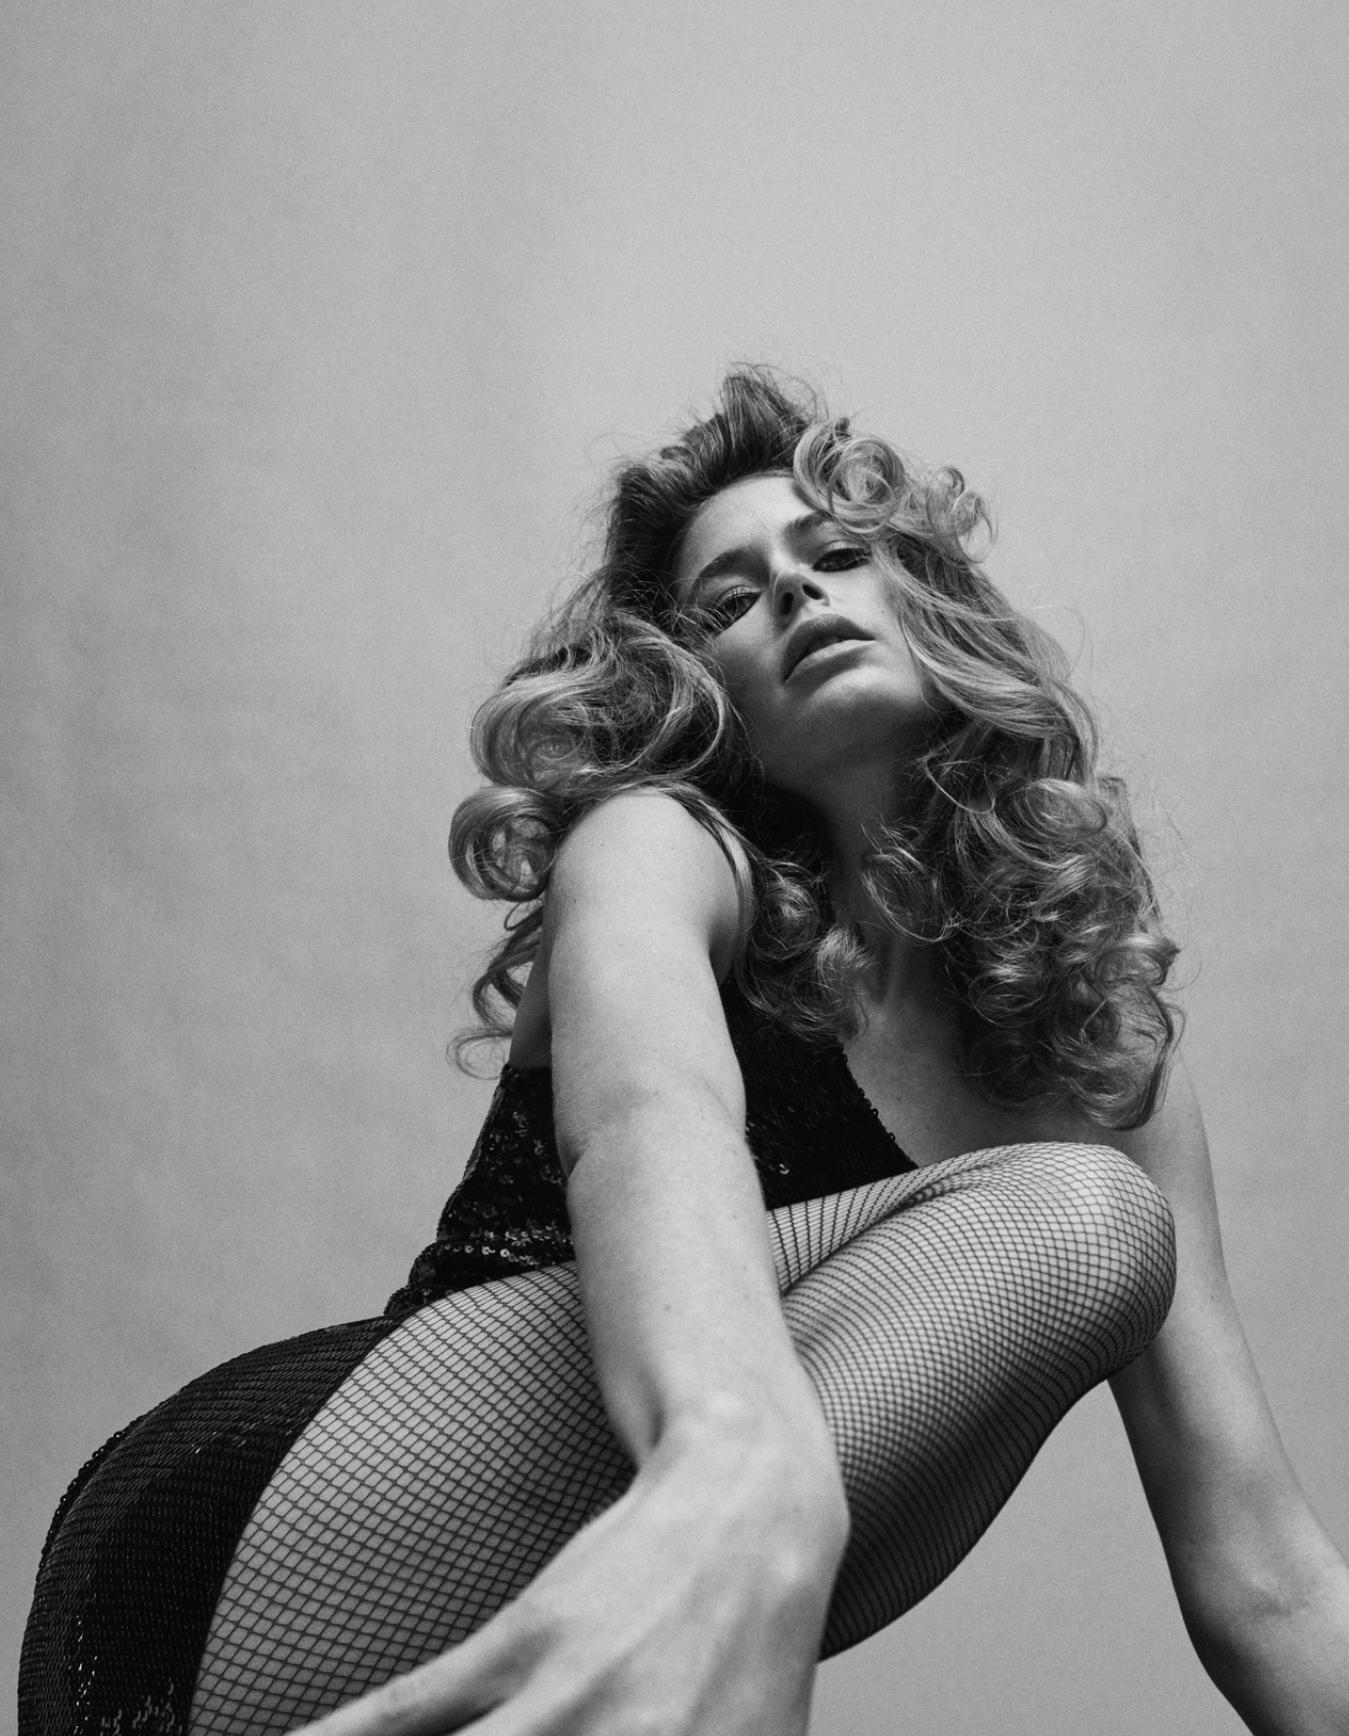 Doutzen Kroes Seduces In Daniel Jackson Images For Vogue Poland June 2019